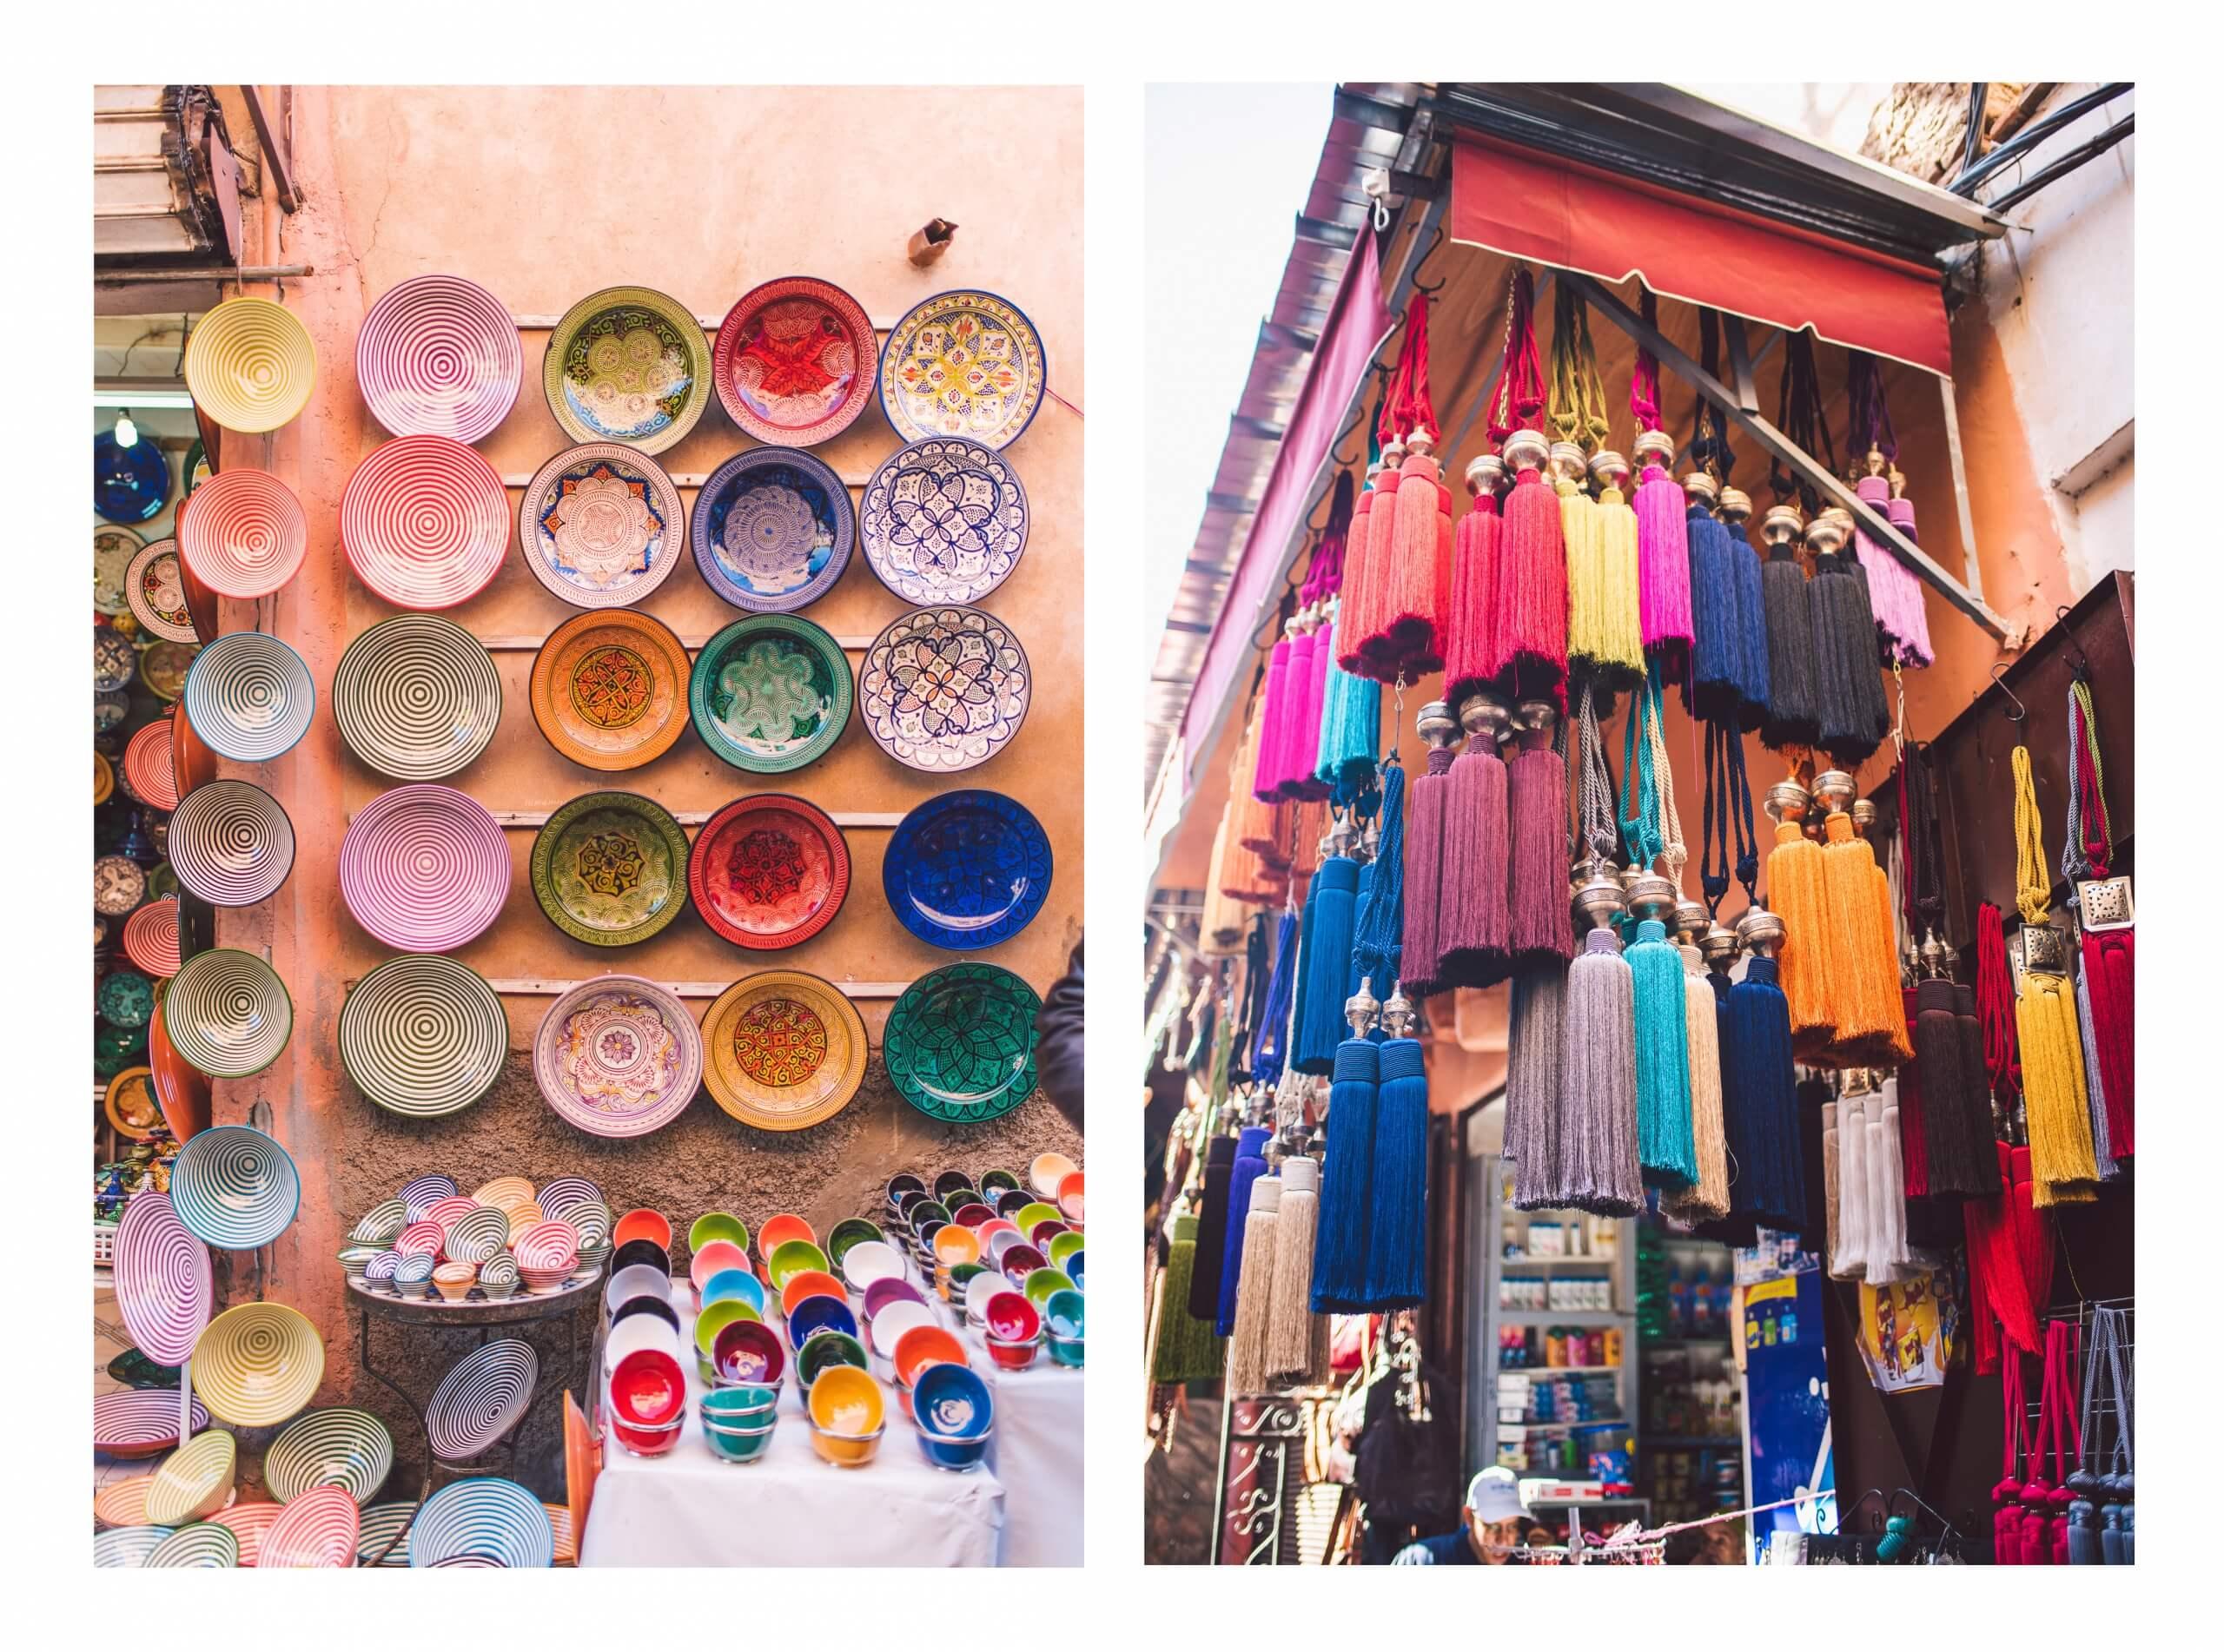 janni-deler-medina-marrakechDSC_0127 copy